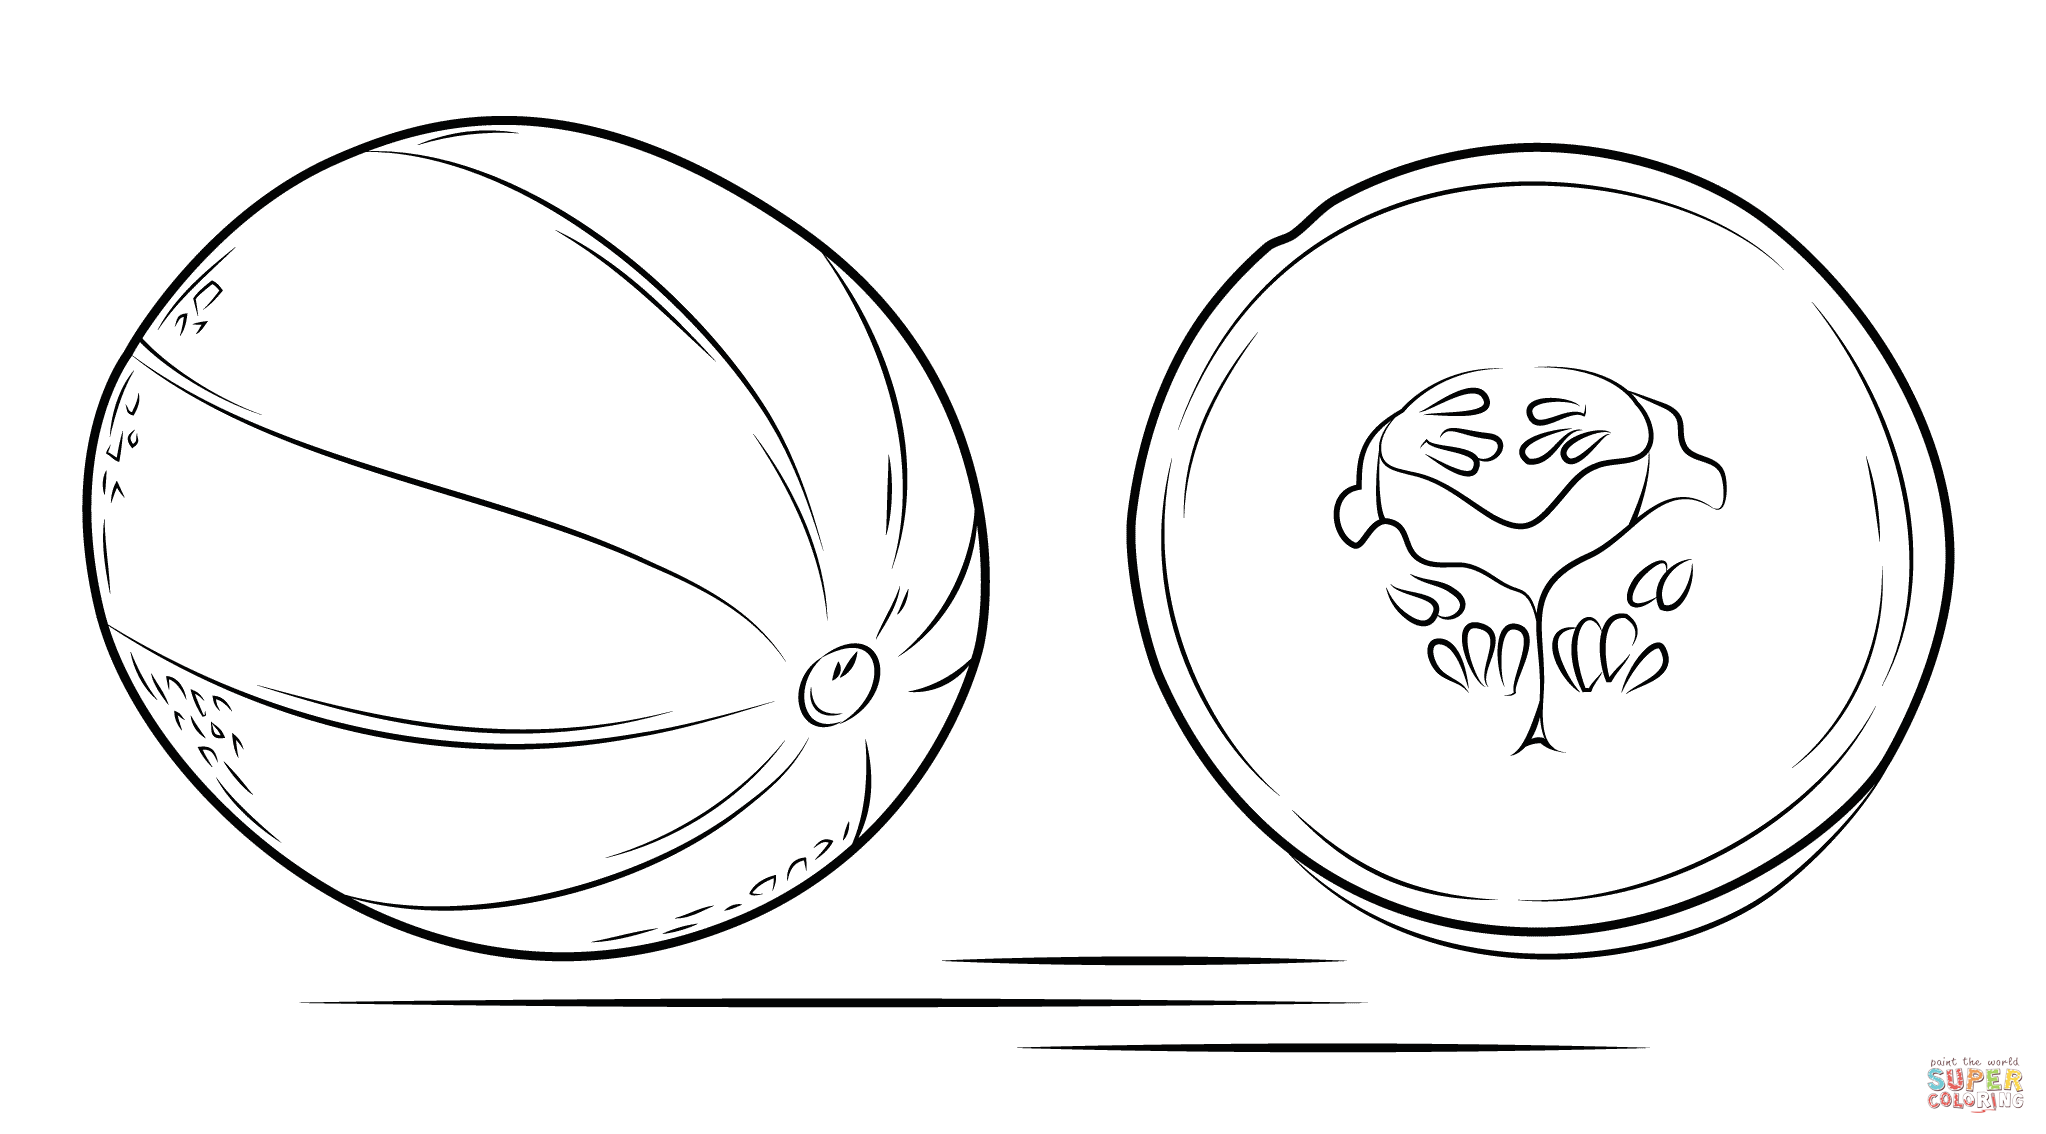 Ausmalbild Cantaloupe Und Ihr Querschnitt